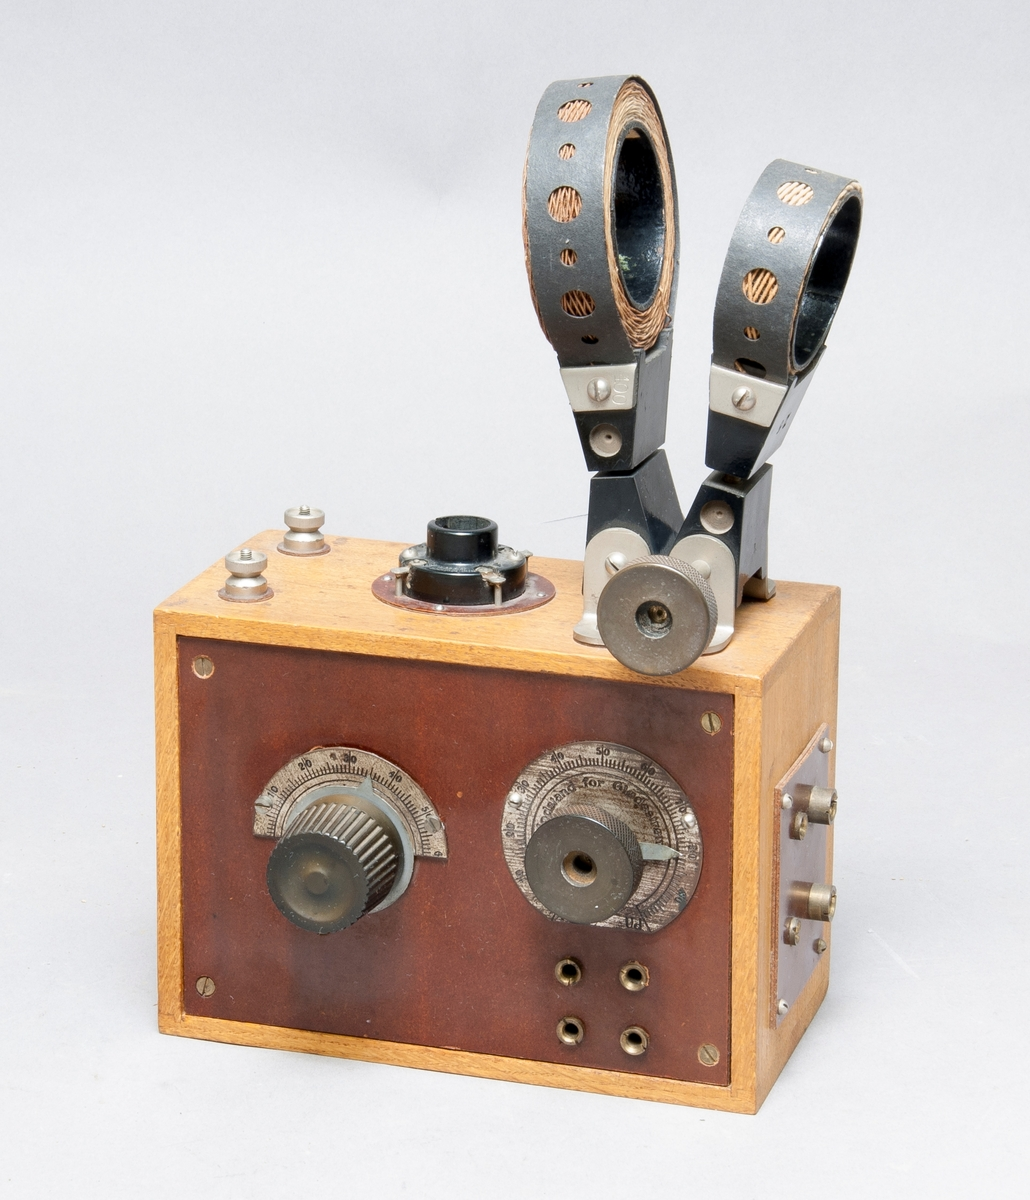 Radiomottagare med dvärgvakuumdetektor och honeycombspolar.